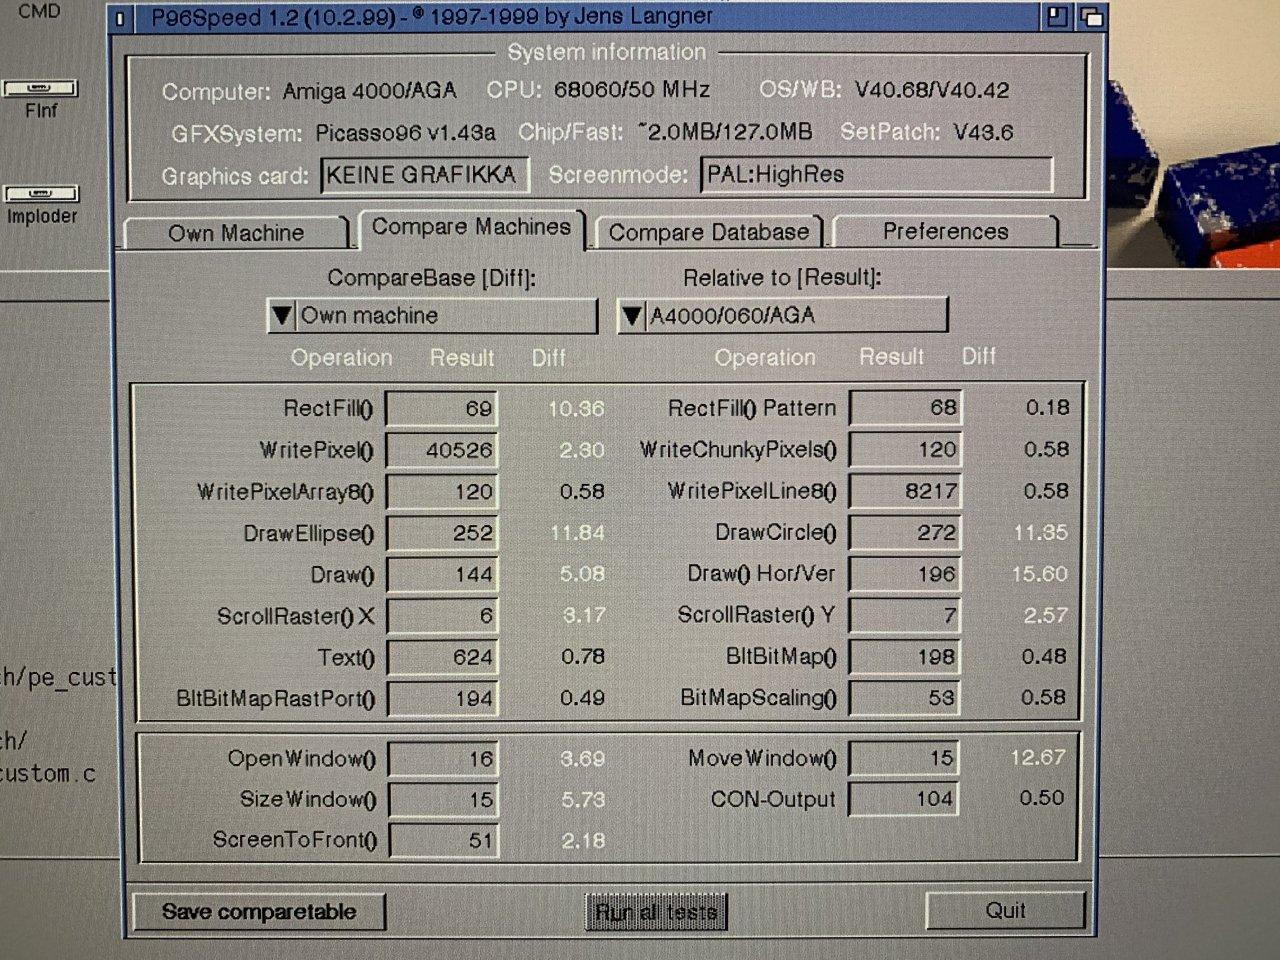 Klikněte na obrázek pro zobrazení větší verze  Název: C513B9D9-B0D9-47E7-8845-711A9CAD622E.jpeg Zobrazeno: 76 Velikost: 325,9 KB ID: 9626